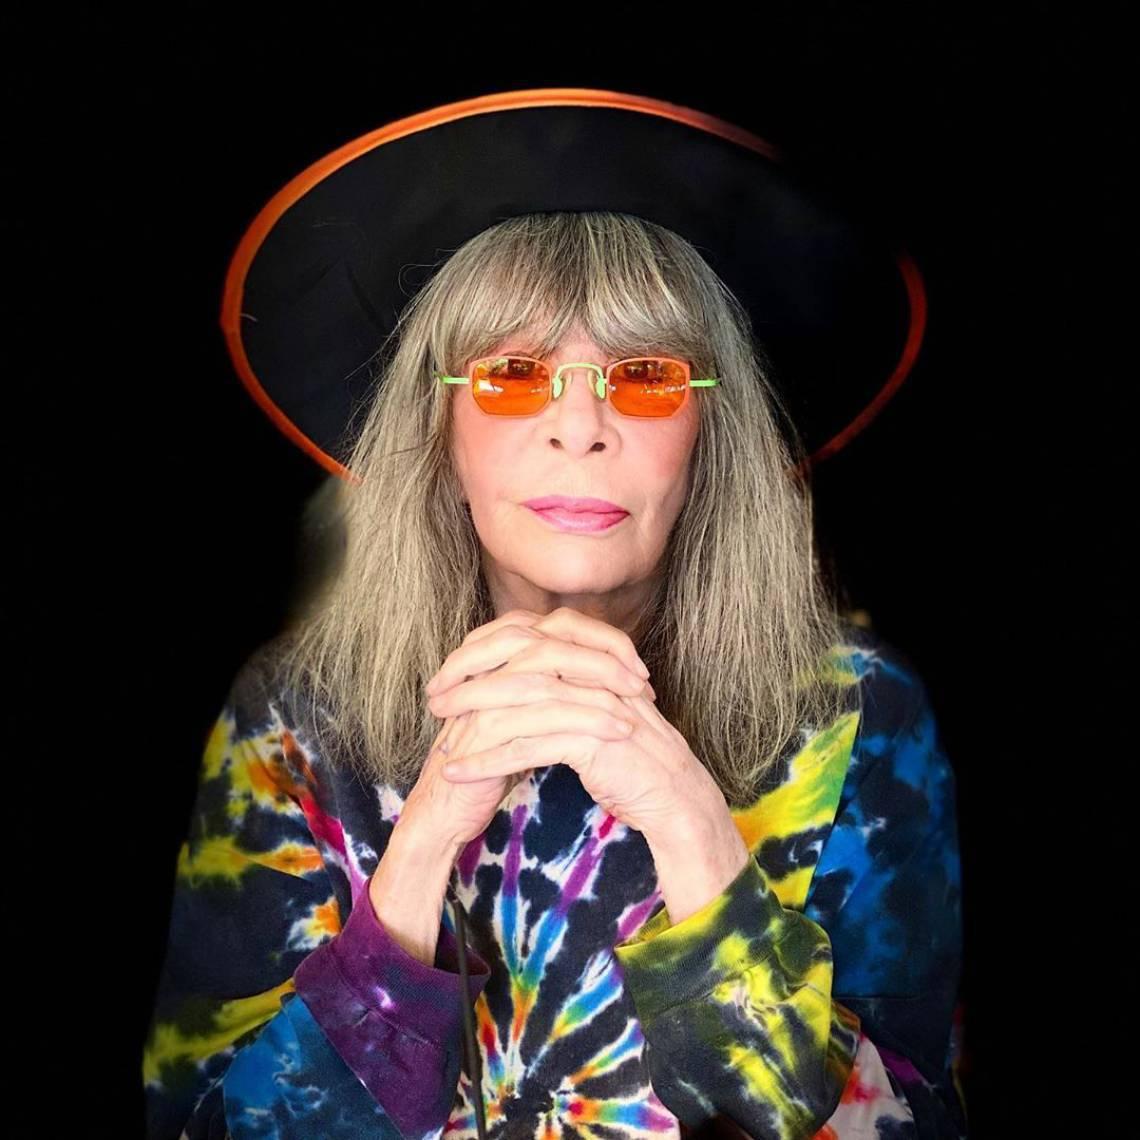 Rita Lee avisa: a live não será musical. O bate-papo celebra 40 anos de um clássico da música brasileira